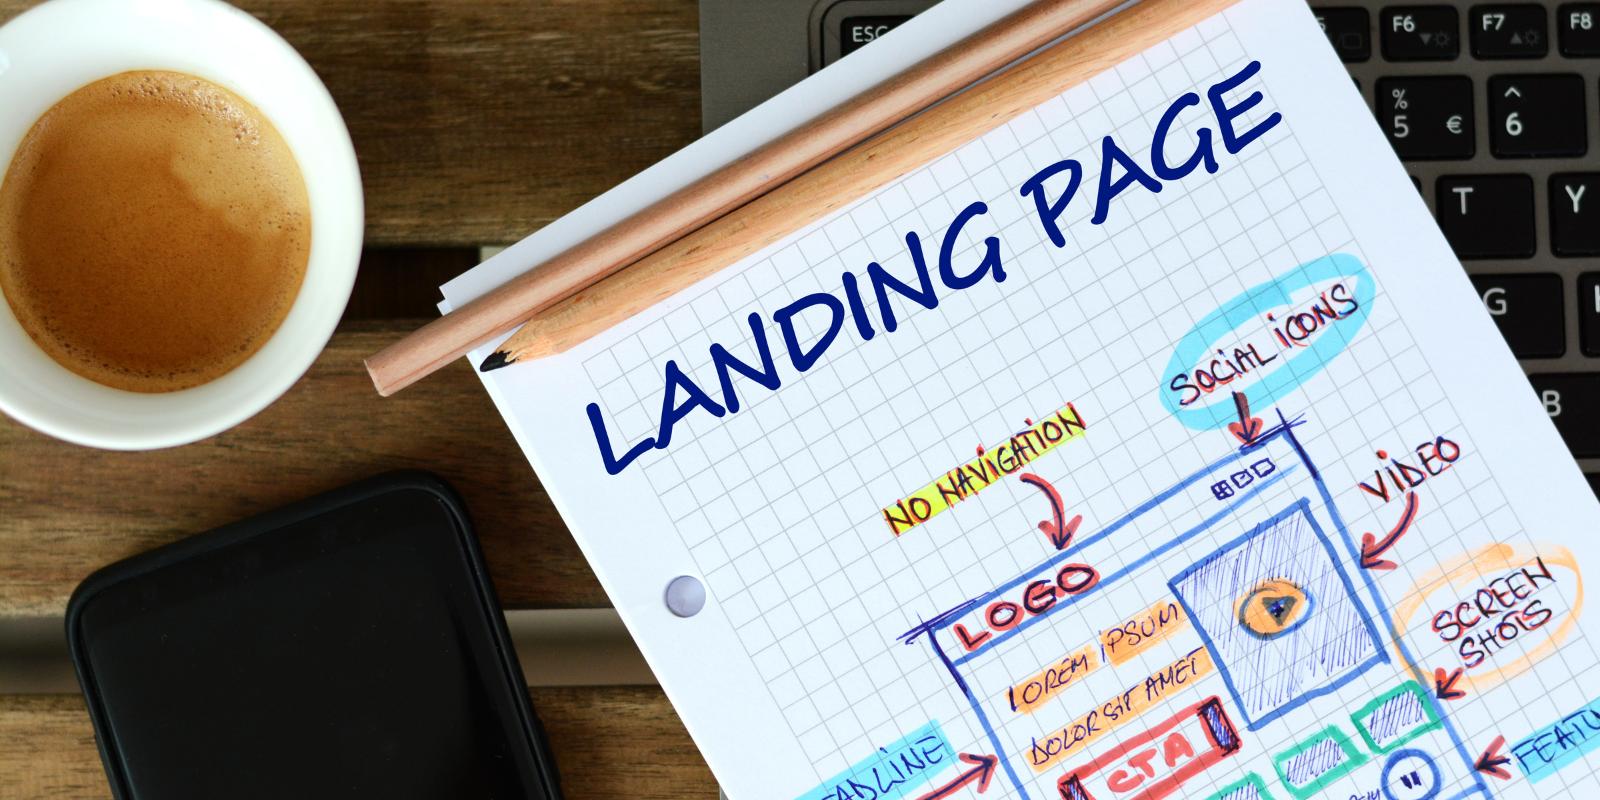 Capta clientes potenciales utilizando landing pages o páginas de aterrizaje